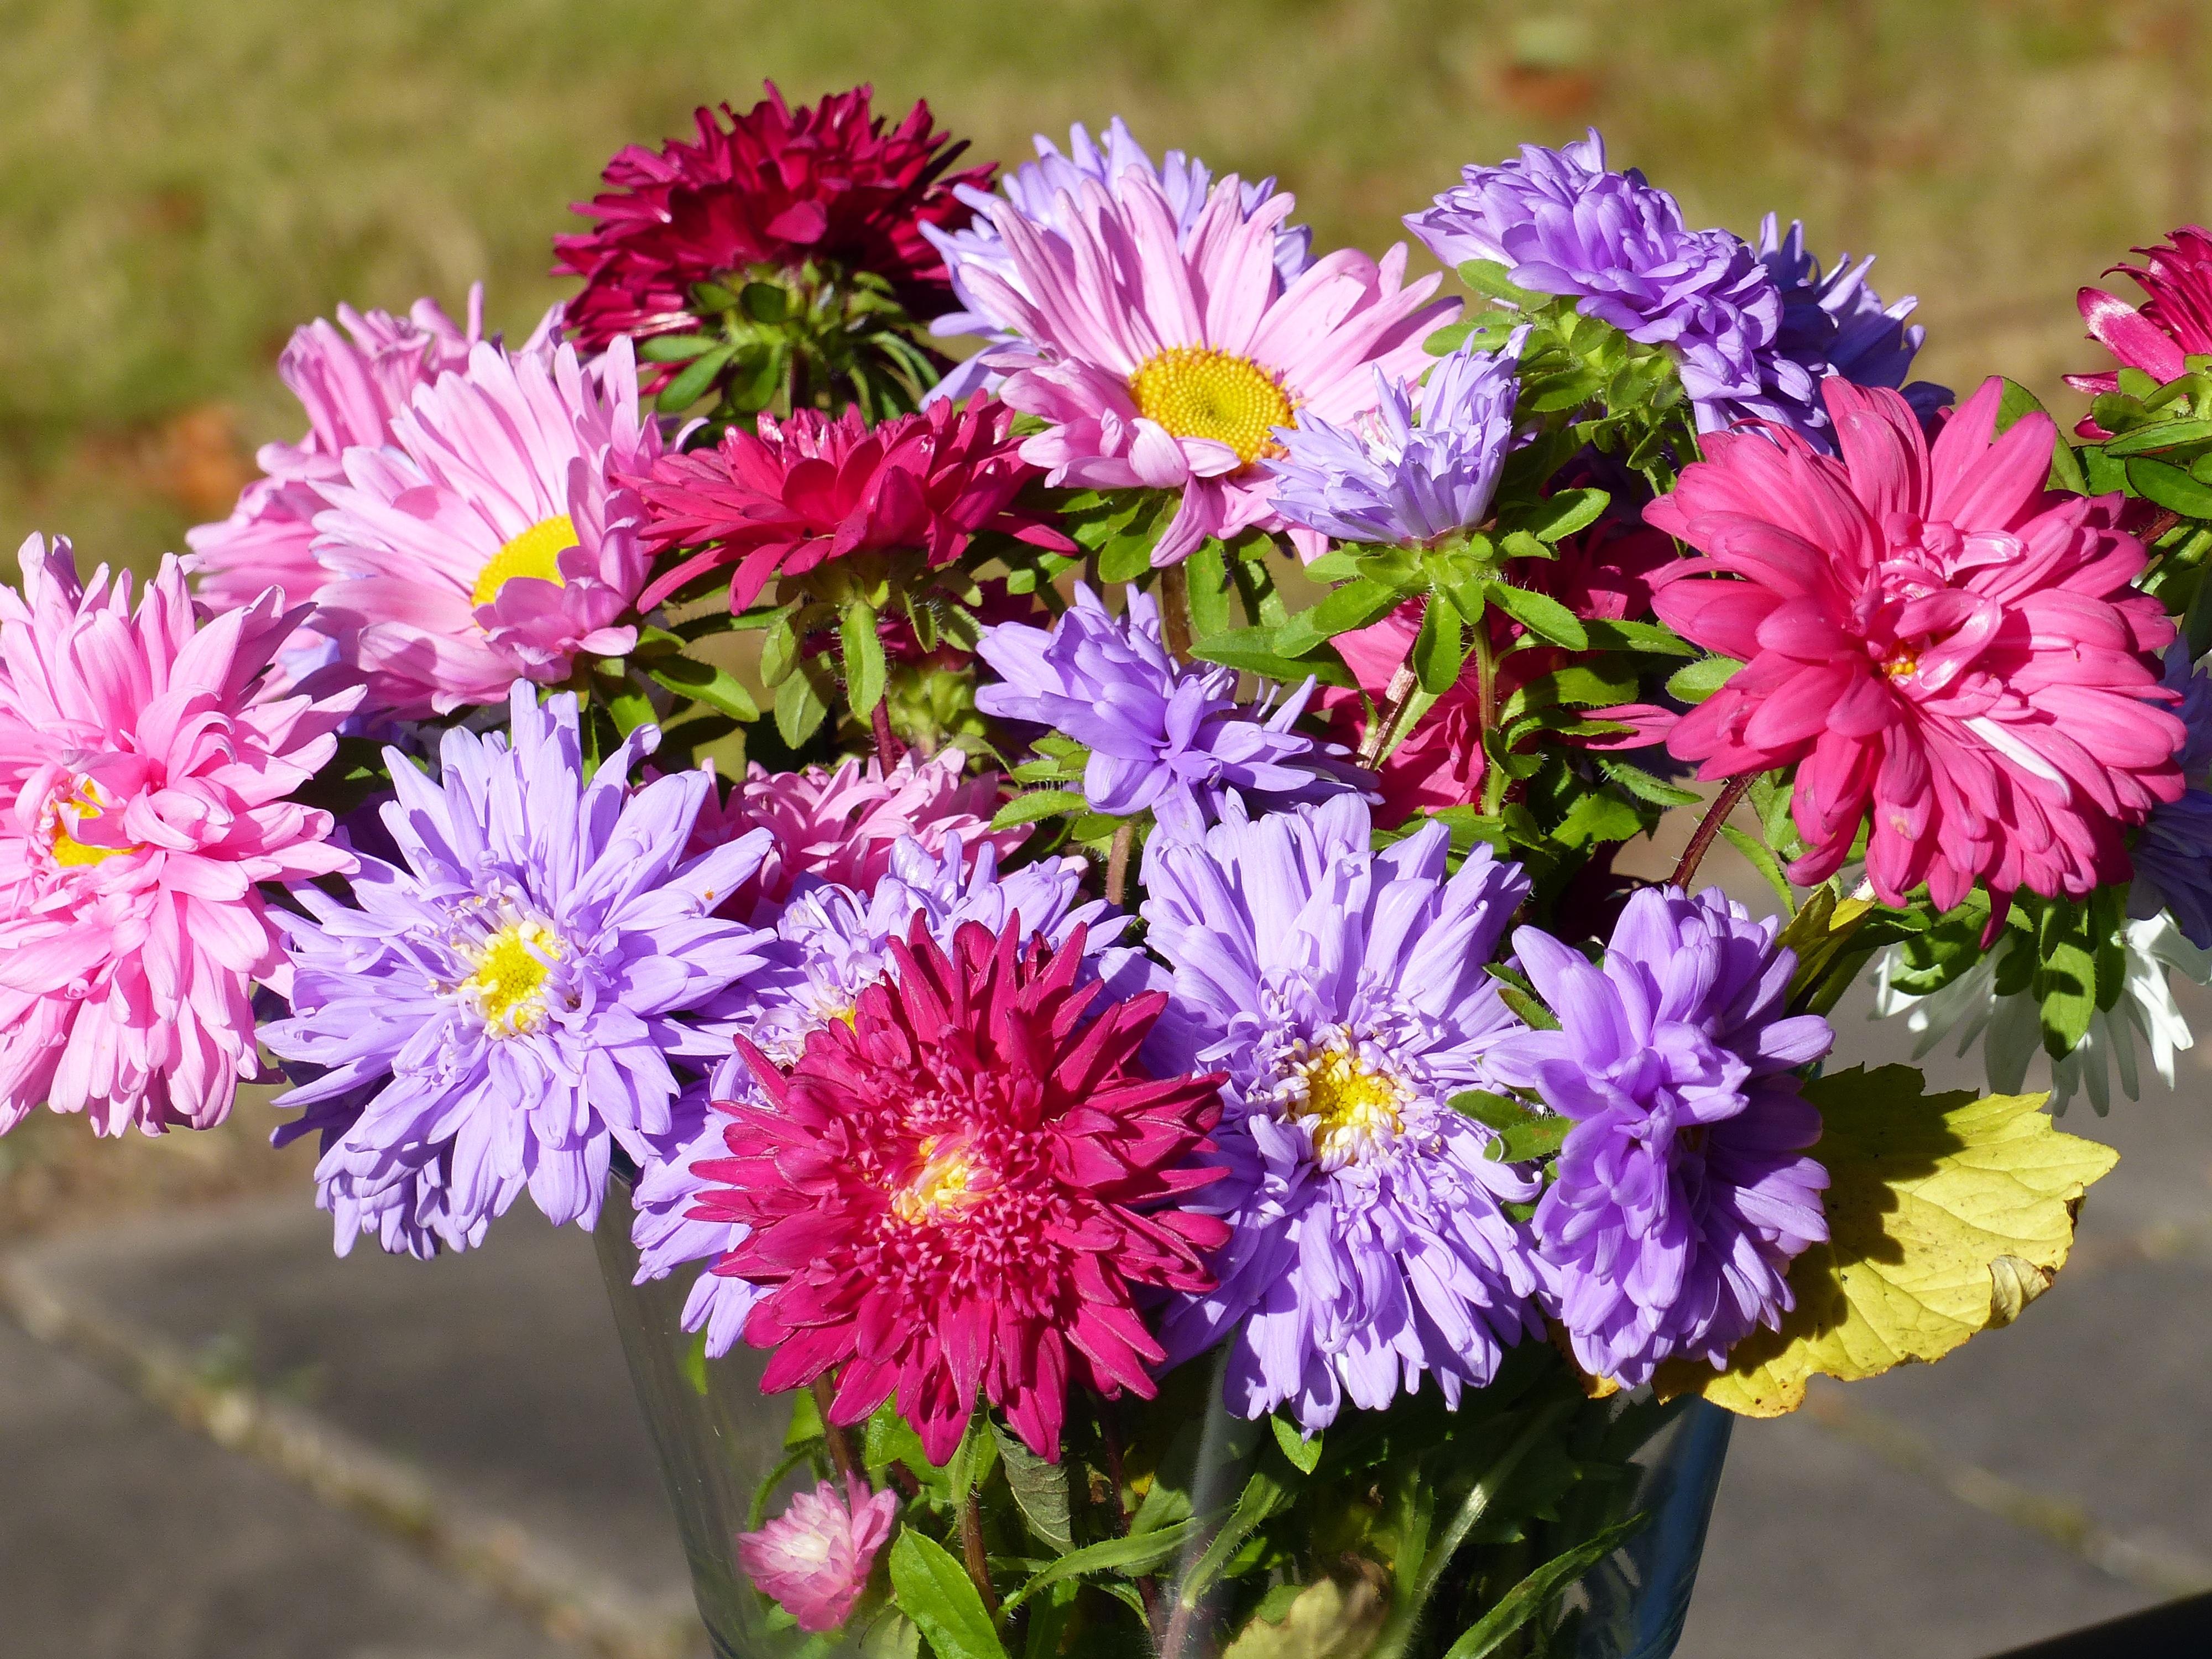 Darmowe Zdjęcia Stół Kwiat Płatek Wazon Jesień Ogród